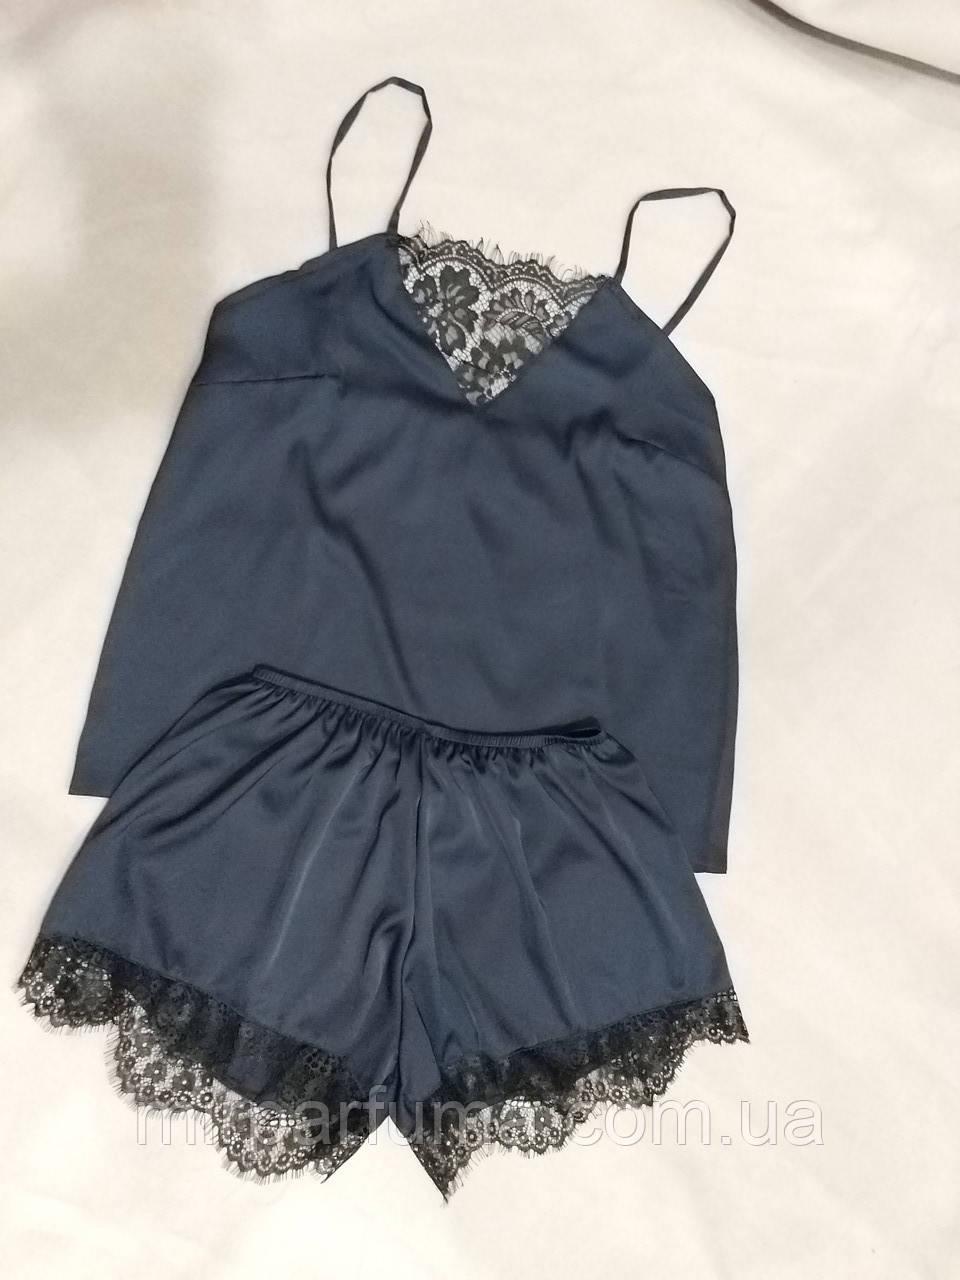 Женская шелковая пижама с кружевом синего цвета